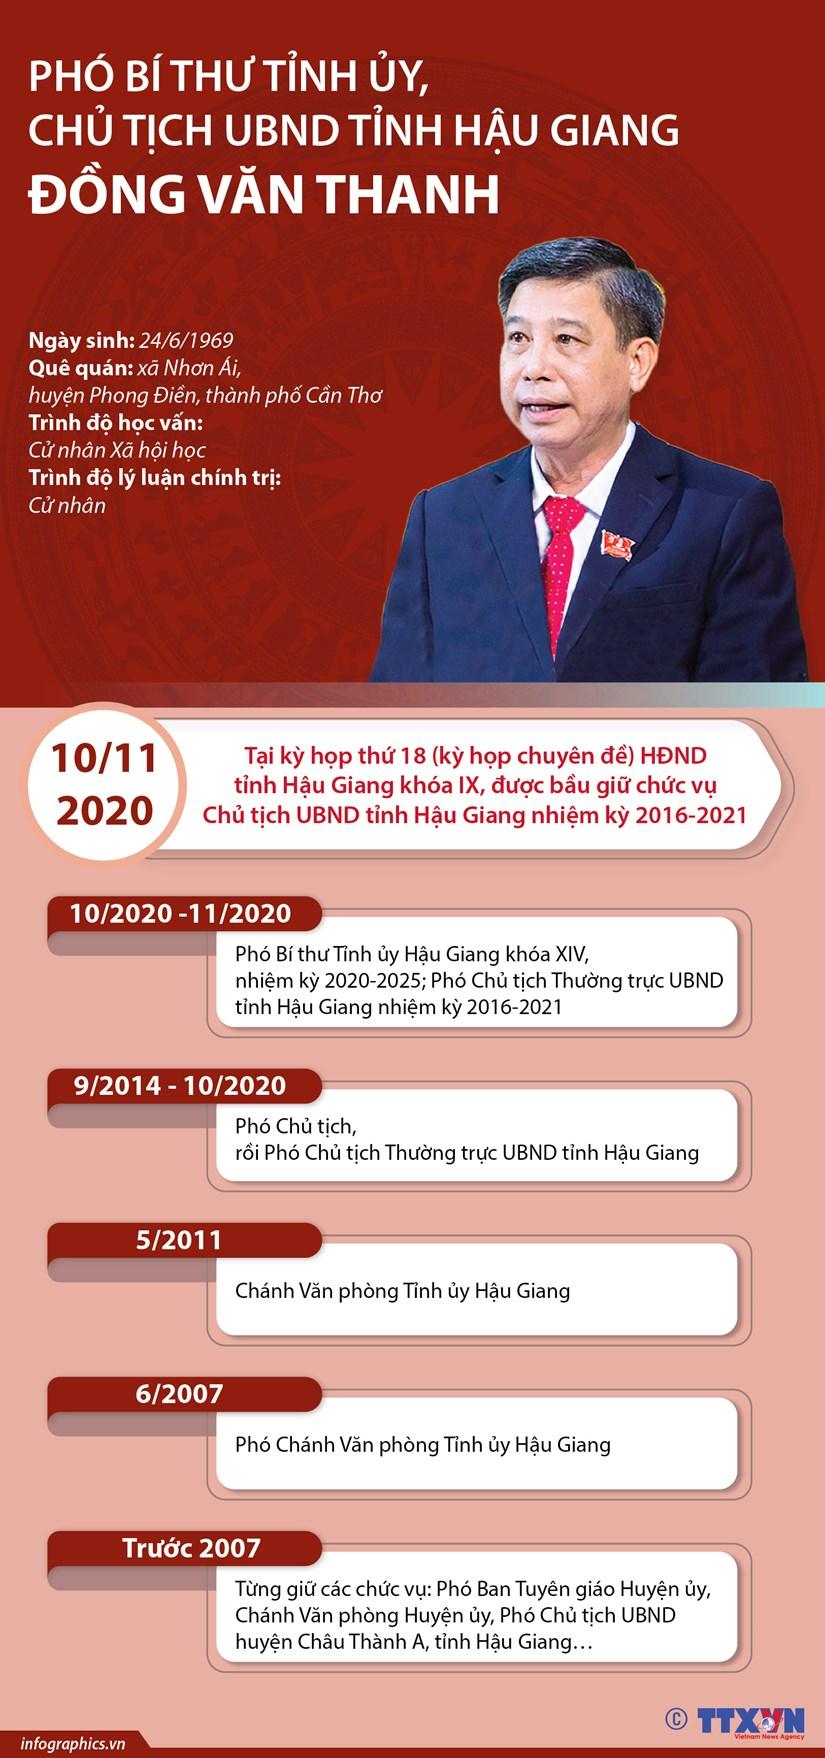 Pho Bi thu Tinh uy, Chu tich UBND tinh Hau Giang Dong Van Thanh hinh anh 1